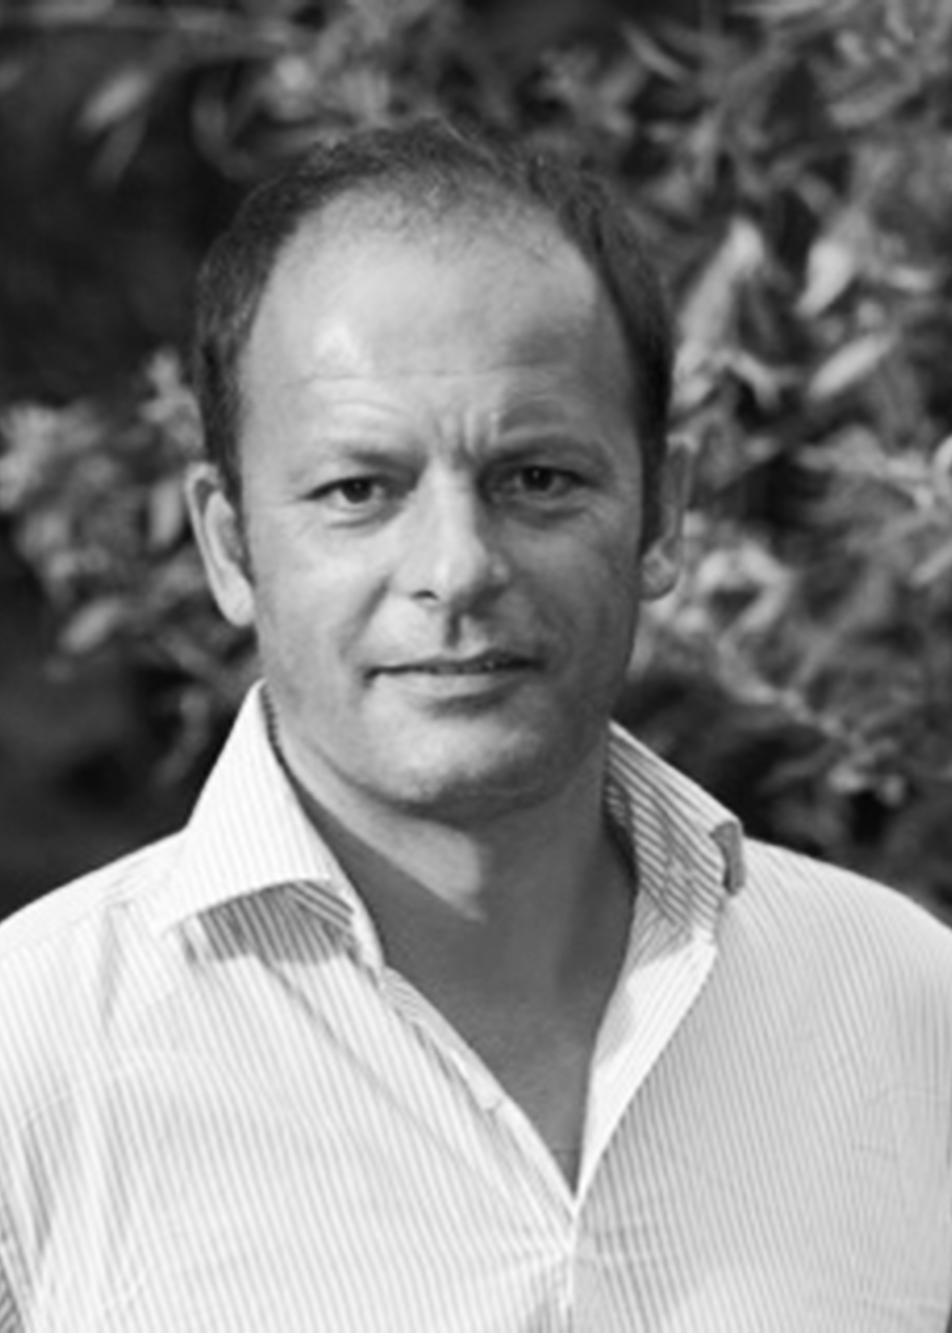 Stéphane Juan - DIRecteur général -FINANCes & développement commercialDiplômé de gestion à l'Université, Stéphane a travaillé dans la banque et l'industrie pharmaceutique avant de devenir entrepreneur en 2001.Il a piloté une société de développement d'application sur Internet puis une entreprise générale de travaux à partir de 2007.Après avoir accompagné les créateurs d'entreprise en dirigeant réseau entreprendre val de marne où il a rencontré Aline et Pascal, il participe à la création d'AgilCare en 2017.